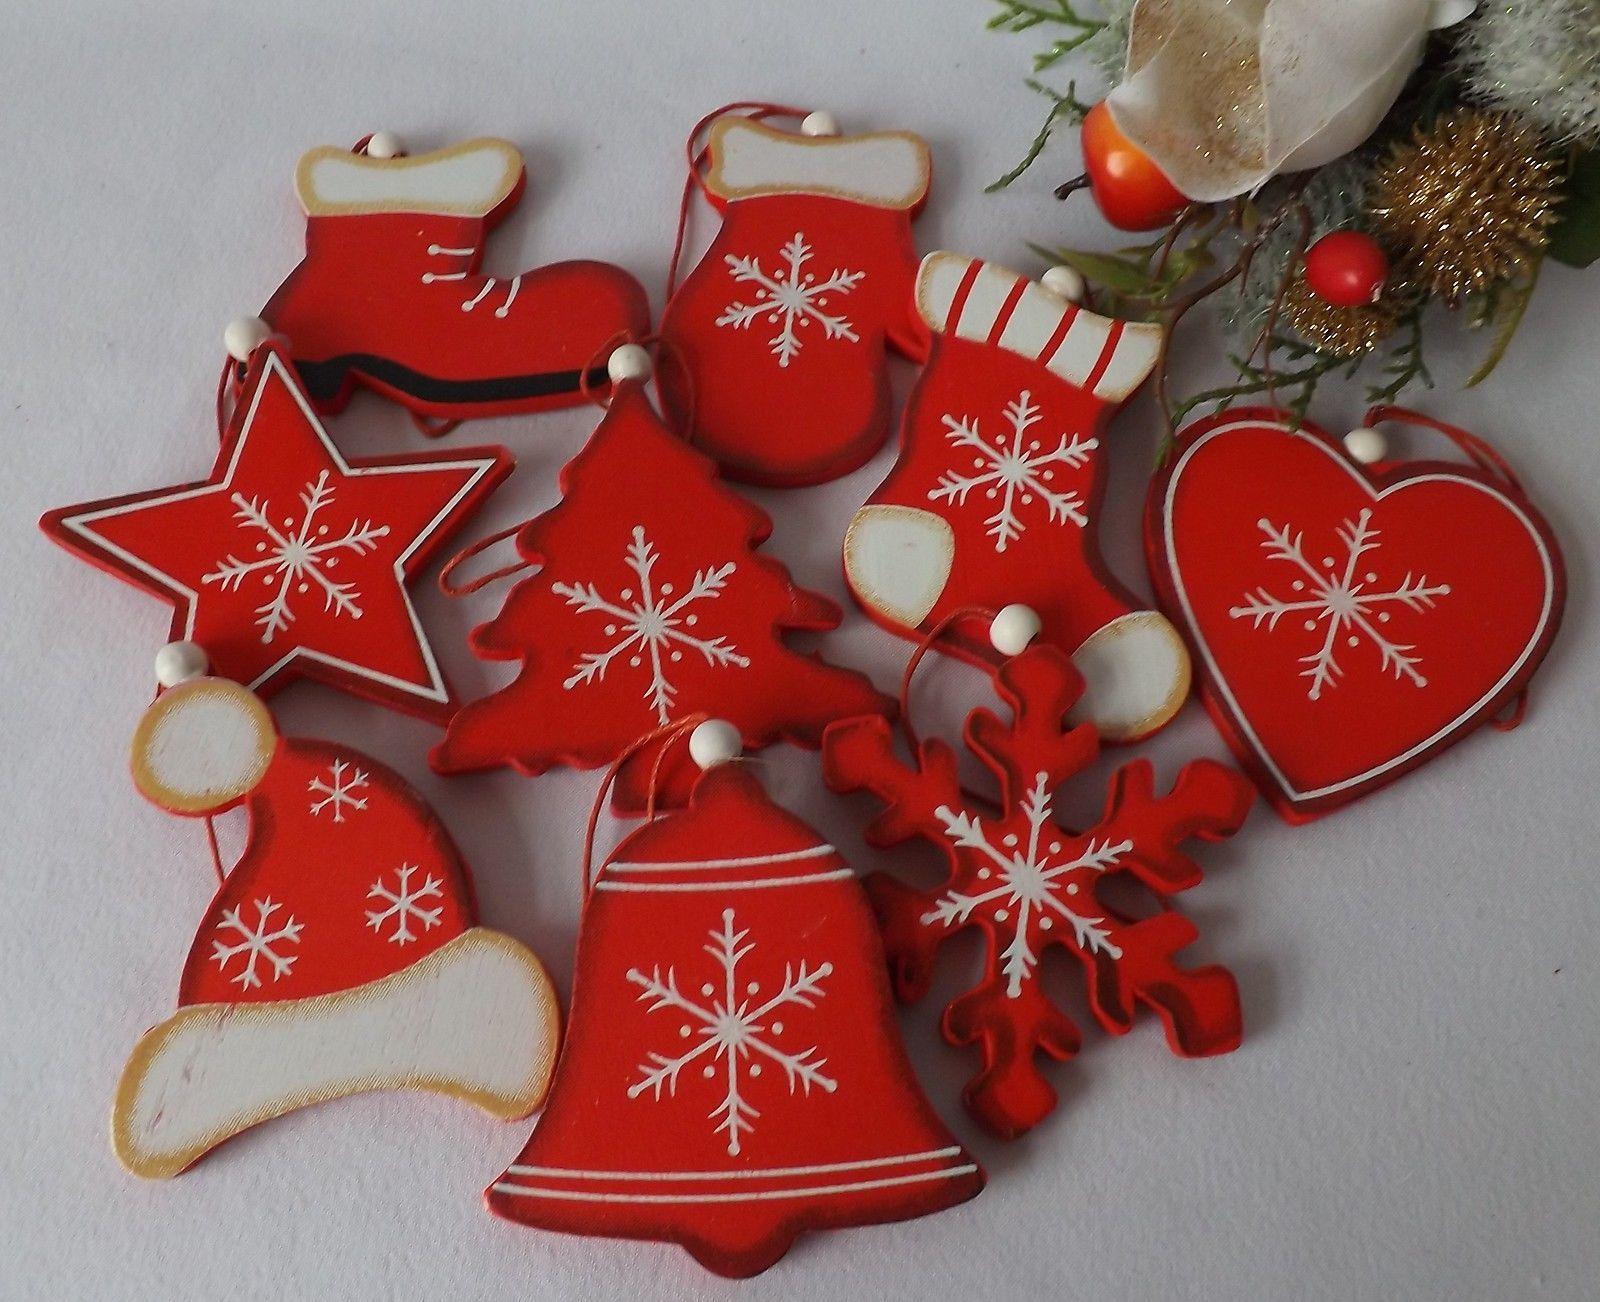 Juego 9 madera rojo blanco shabby adornos para rbol de navidad calcet n ebay decoraci n - Adornos navidenos de madera ...